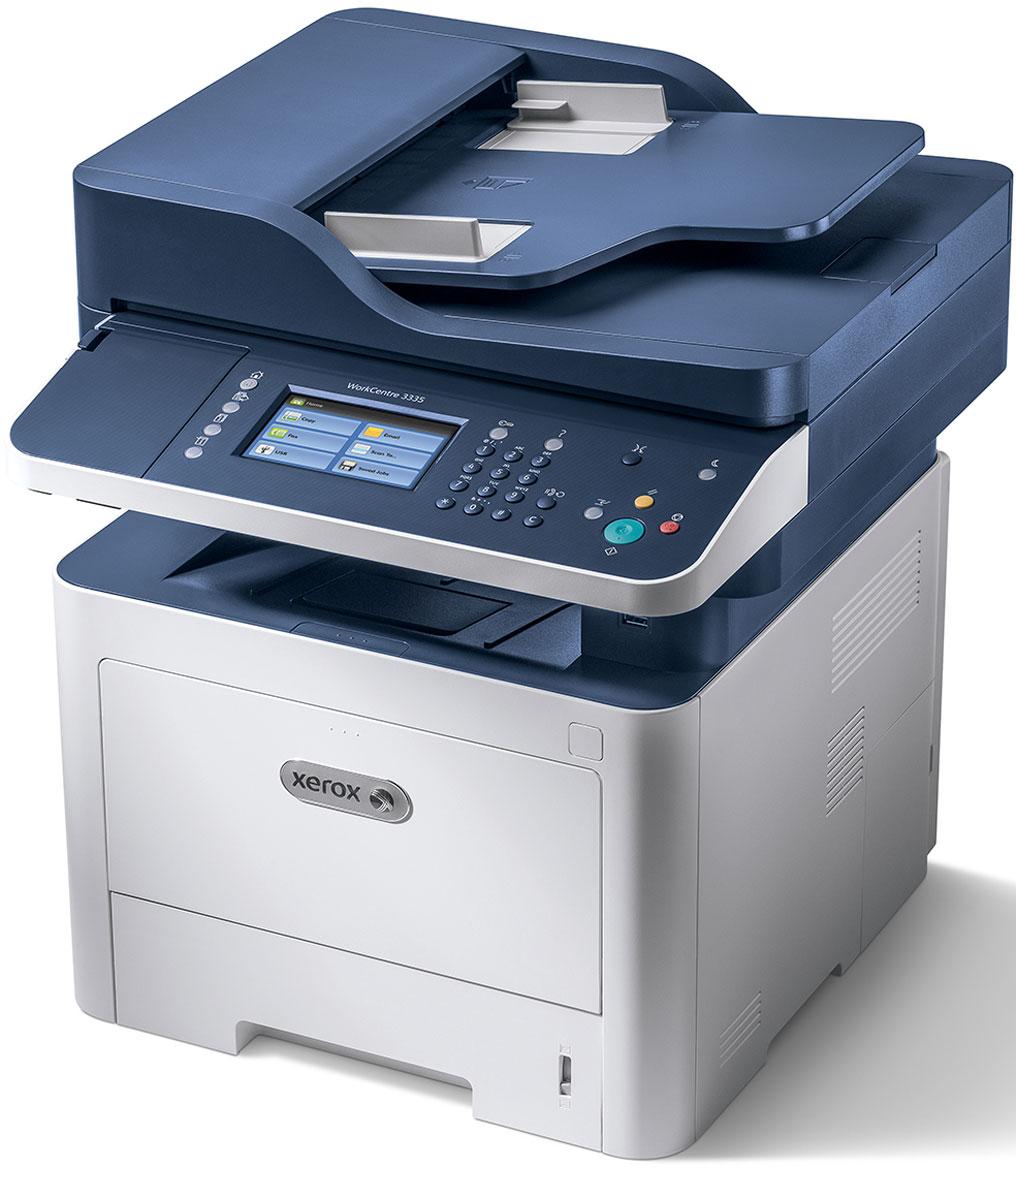 Xerox WorkCentre 3335DNI МФУ3335V_DNIМонохромное лазерное МФУ Xerox WorkCentre 3335DNI полностью отвечает современным требованиями, предъявляемым заказчиками. Высокая емкость и раздельная архитектура расходных материалов (раздельные тонер-картридж и барабан) делают стоимость отпечатка одной из лучших в сегменте. Лучшее в своем классе устройство оснащено самыми современными технологиями: широкие возможности беспроводного доступа благодаря встроенному модулю Wi-Fi, опциональная поддержка NFC-технологии, поддержка беспроводной печати с мобильных устройств при помощи технологий AppleAirPrint, GoogleCloudPrint, Xerox Print Service и Mopria, новейшие функций безопасности для повышенного контроля и защиты данных. К ключевым преимуществам можно отнести следующие параметры: Эффективность и производительность:- широкий функционал- богатая базовая комплектация- интуитивно понятный интерфейс.Компактный дизайн:- функции 4 устройств в одном (принтер/копир/сканер/факс)- широкие возможности беспроводного подключения.Низкая стоимость печати и владения:- раздельная архитектура расходных материалов- картридж повышенной емкости на 8500 страниц и супер повышенной емкости на 15 000 страниц!